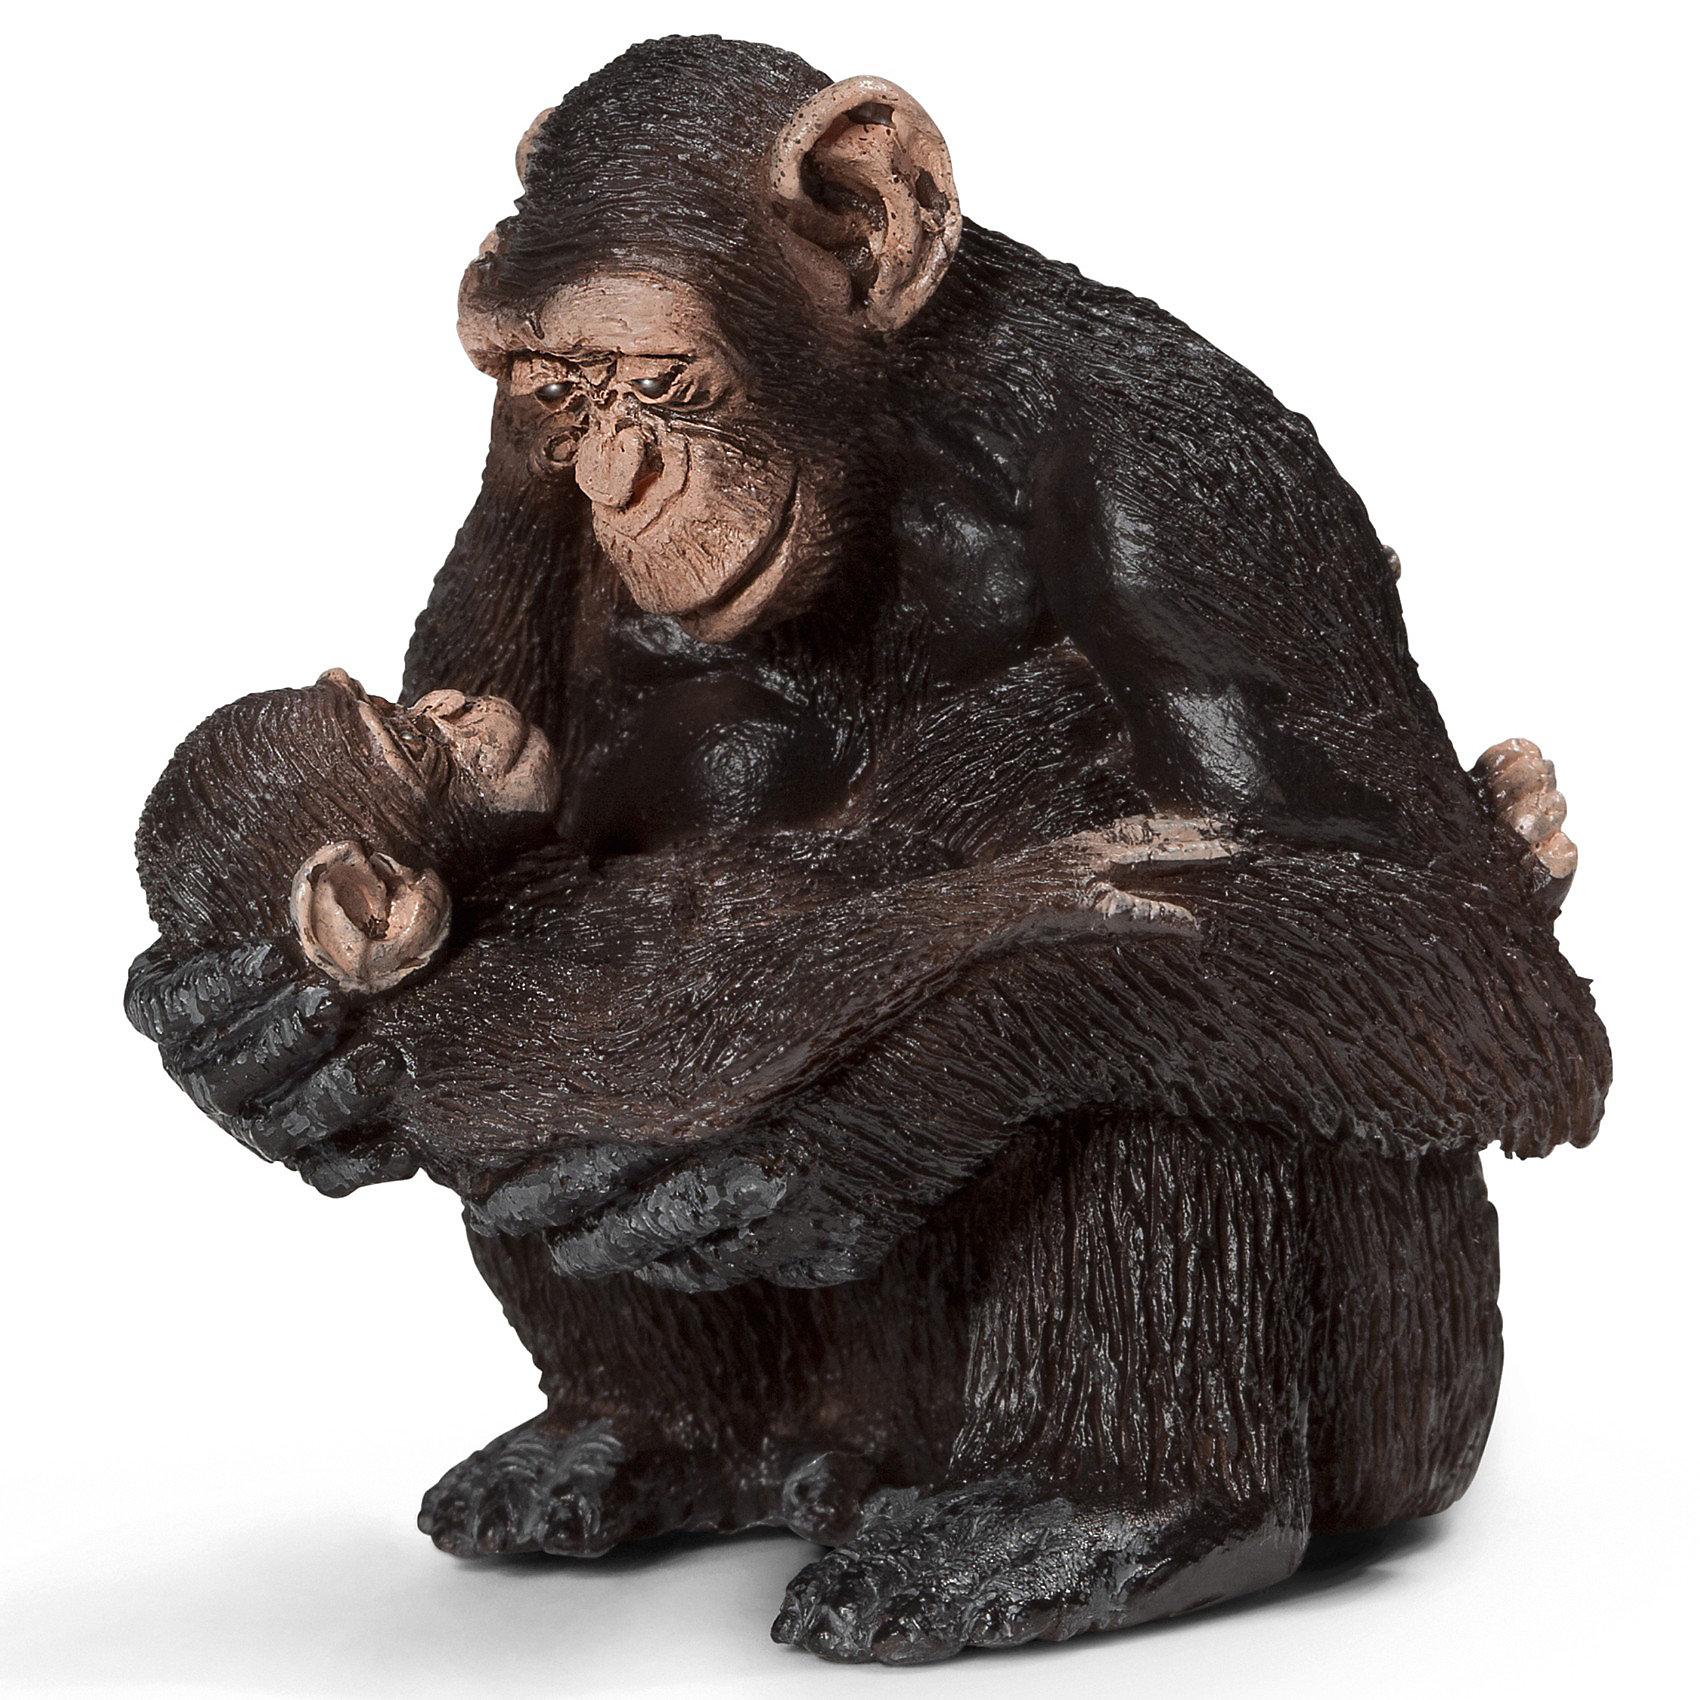 Schleich Шимпанзе, самка с детенышем. Серия Дикие животныеМир животных<br>Шимпанзе с детенышем из серии Дикие животные от компании Schleich (Шляйх) для вашей коллекции животных зоопарка.<br><br>Дополнительная информация:<br><br>-ручная роспись<br>-материал-пластик<br>-реалистичность исполнения<br>-размеры (ДхШхВ): 5х5,5х4,5 см<br><br>Schleich (Шляйх) Шимпанзе, самку с детенышем можно купить в нашем магазине<br><br>Ширина мм: 78<br>Глубина мм: 50<br>Высота мм: 40<br>Вес г: 43<br>Возраст от месяцев: 36<br>Возраст до месяцев: 96<br>Пол: Унисекс<br>Возраст: Детский<br>SKU: 2609255